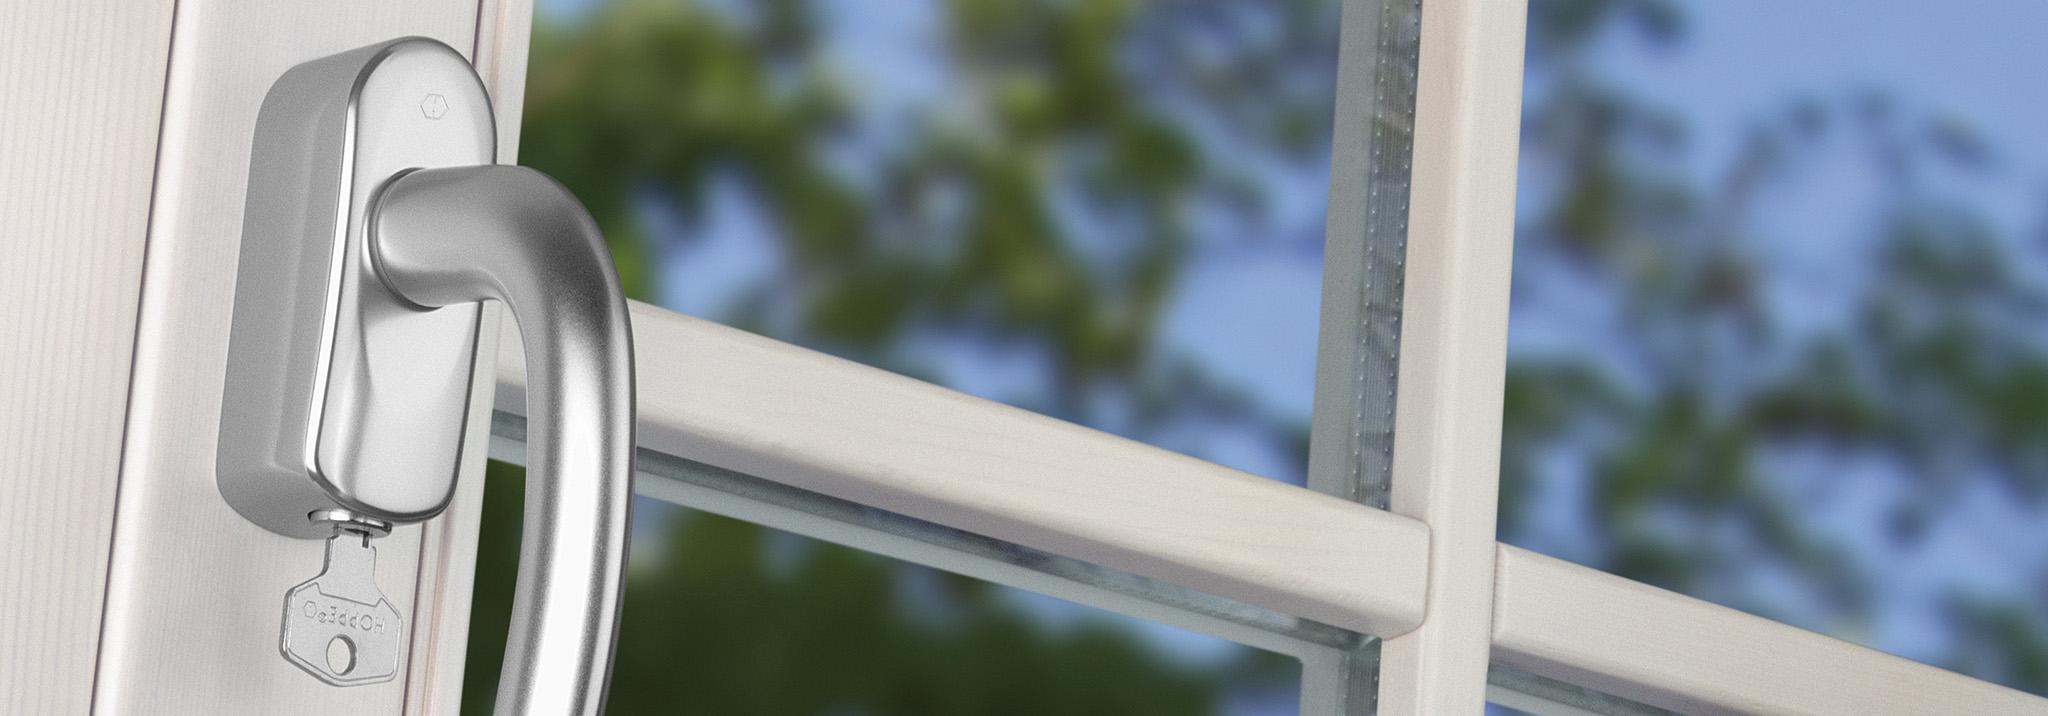 Bezpieczeństwo oraz indywidualna aranżacja – klamki okienne z SecuSelect®